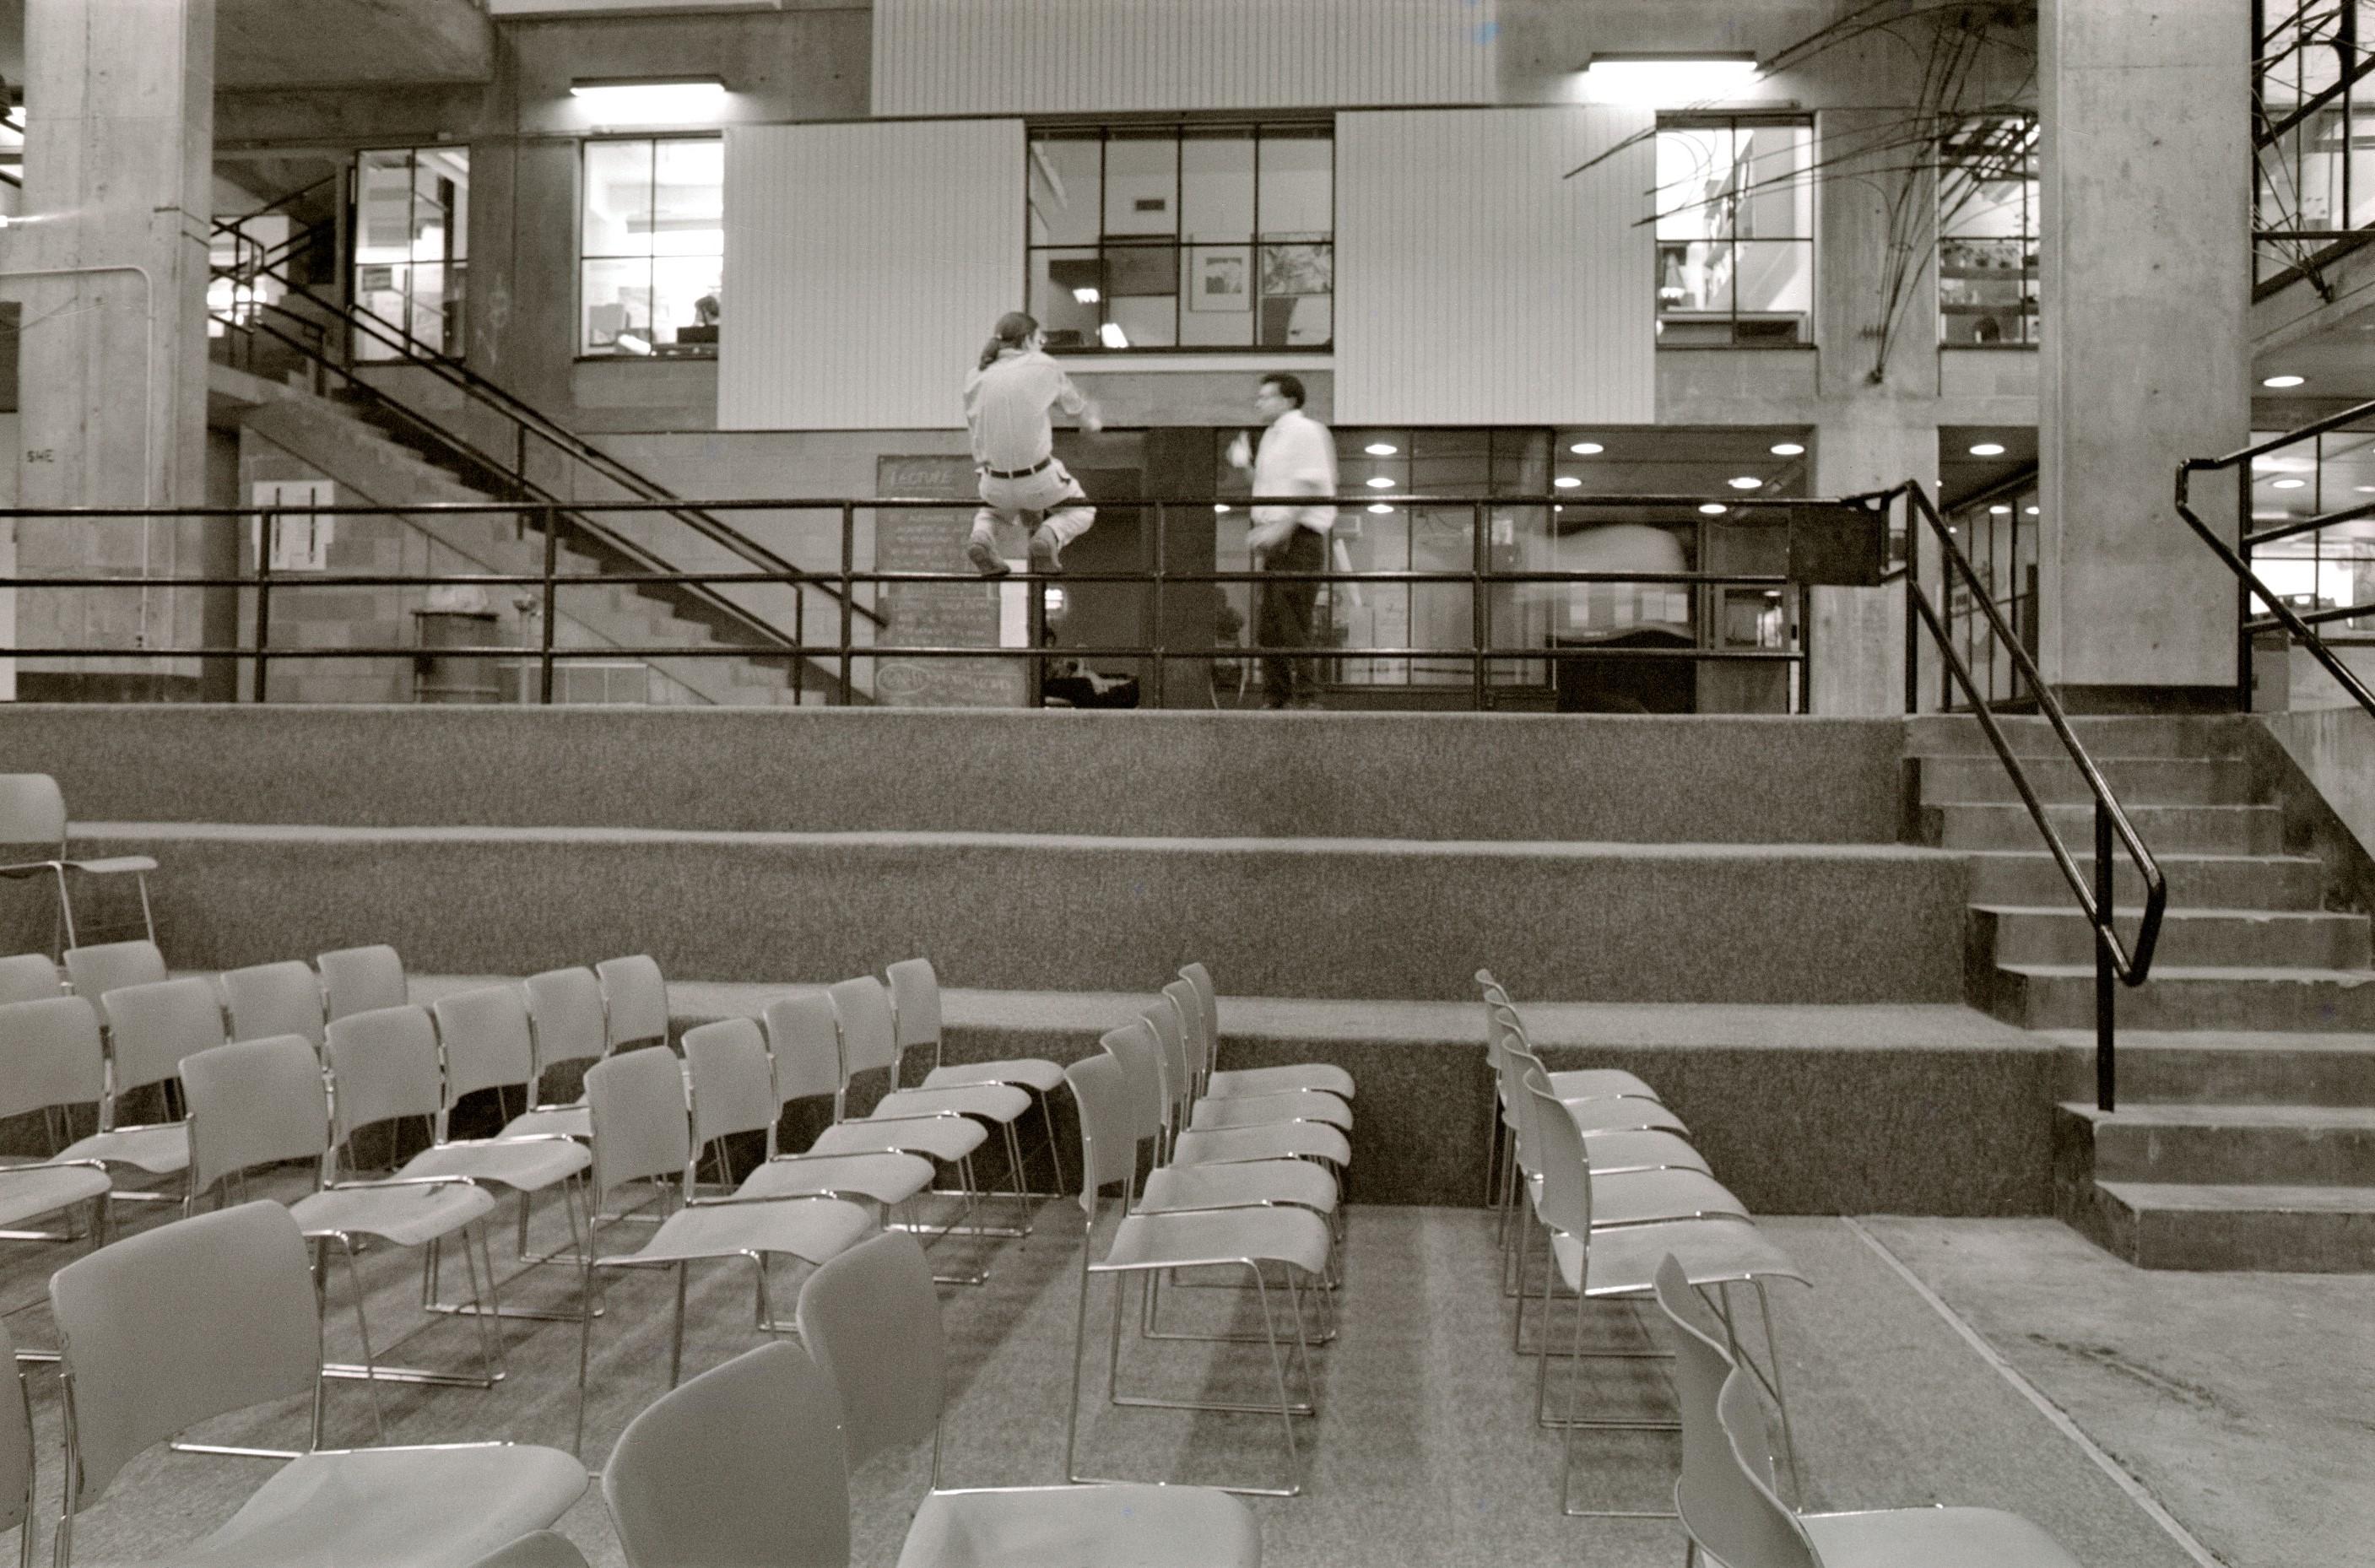 School interiors mid-90s-0002